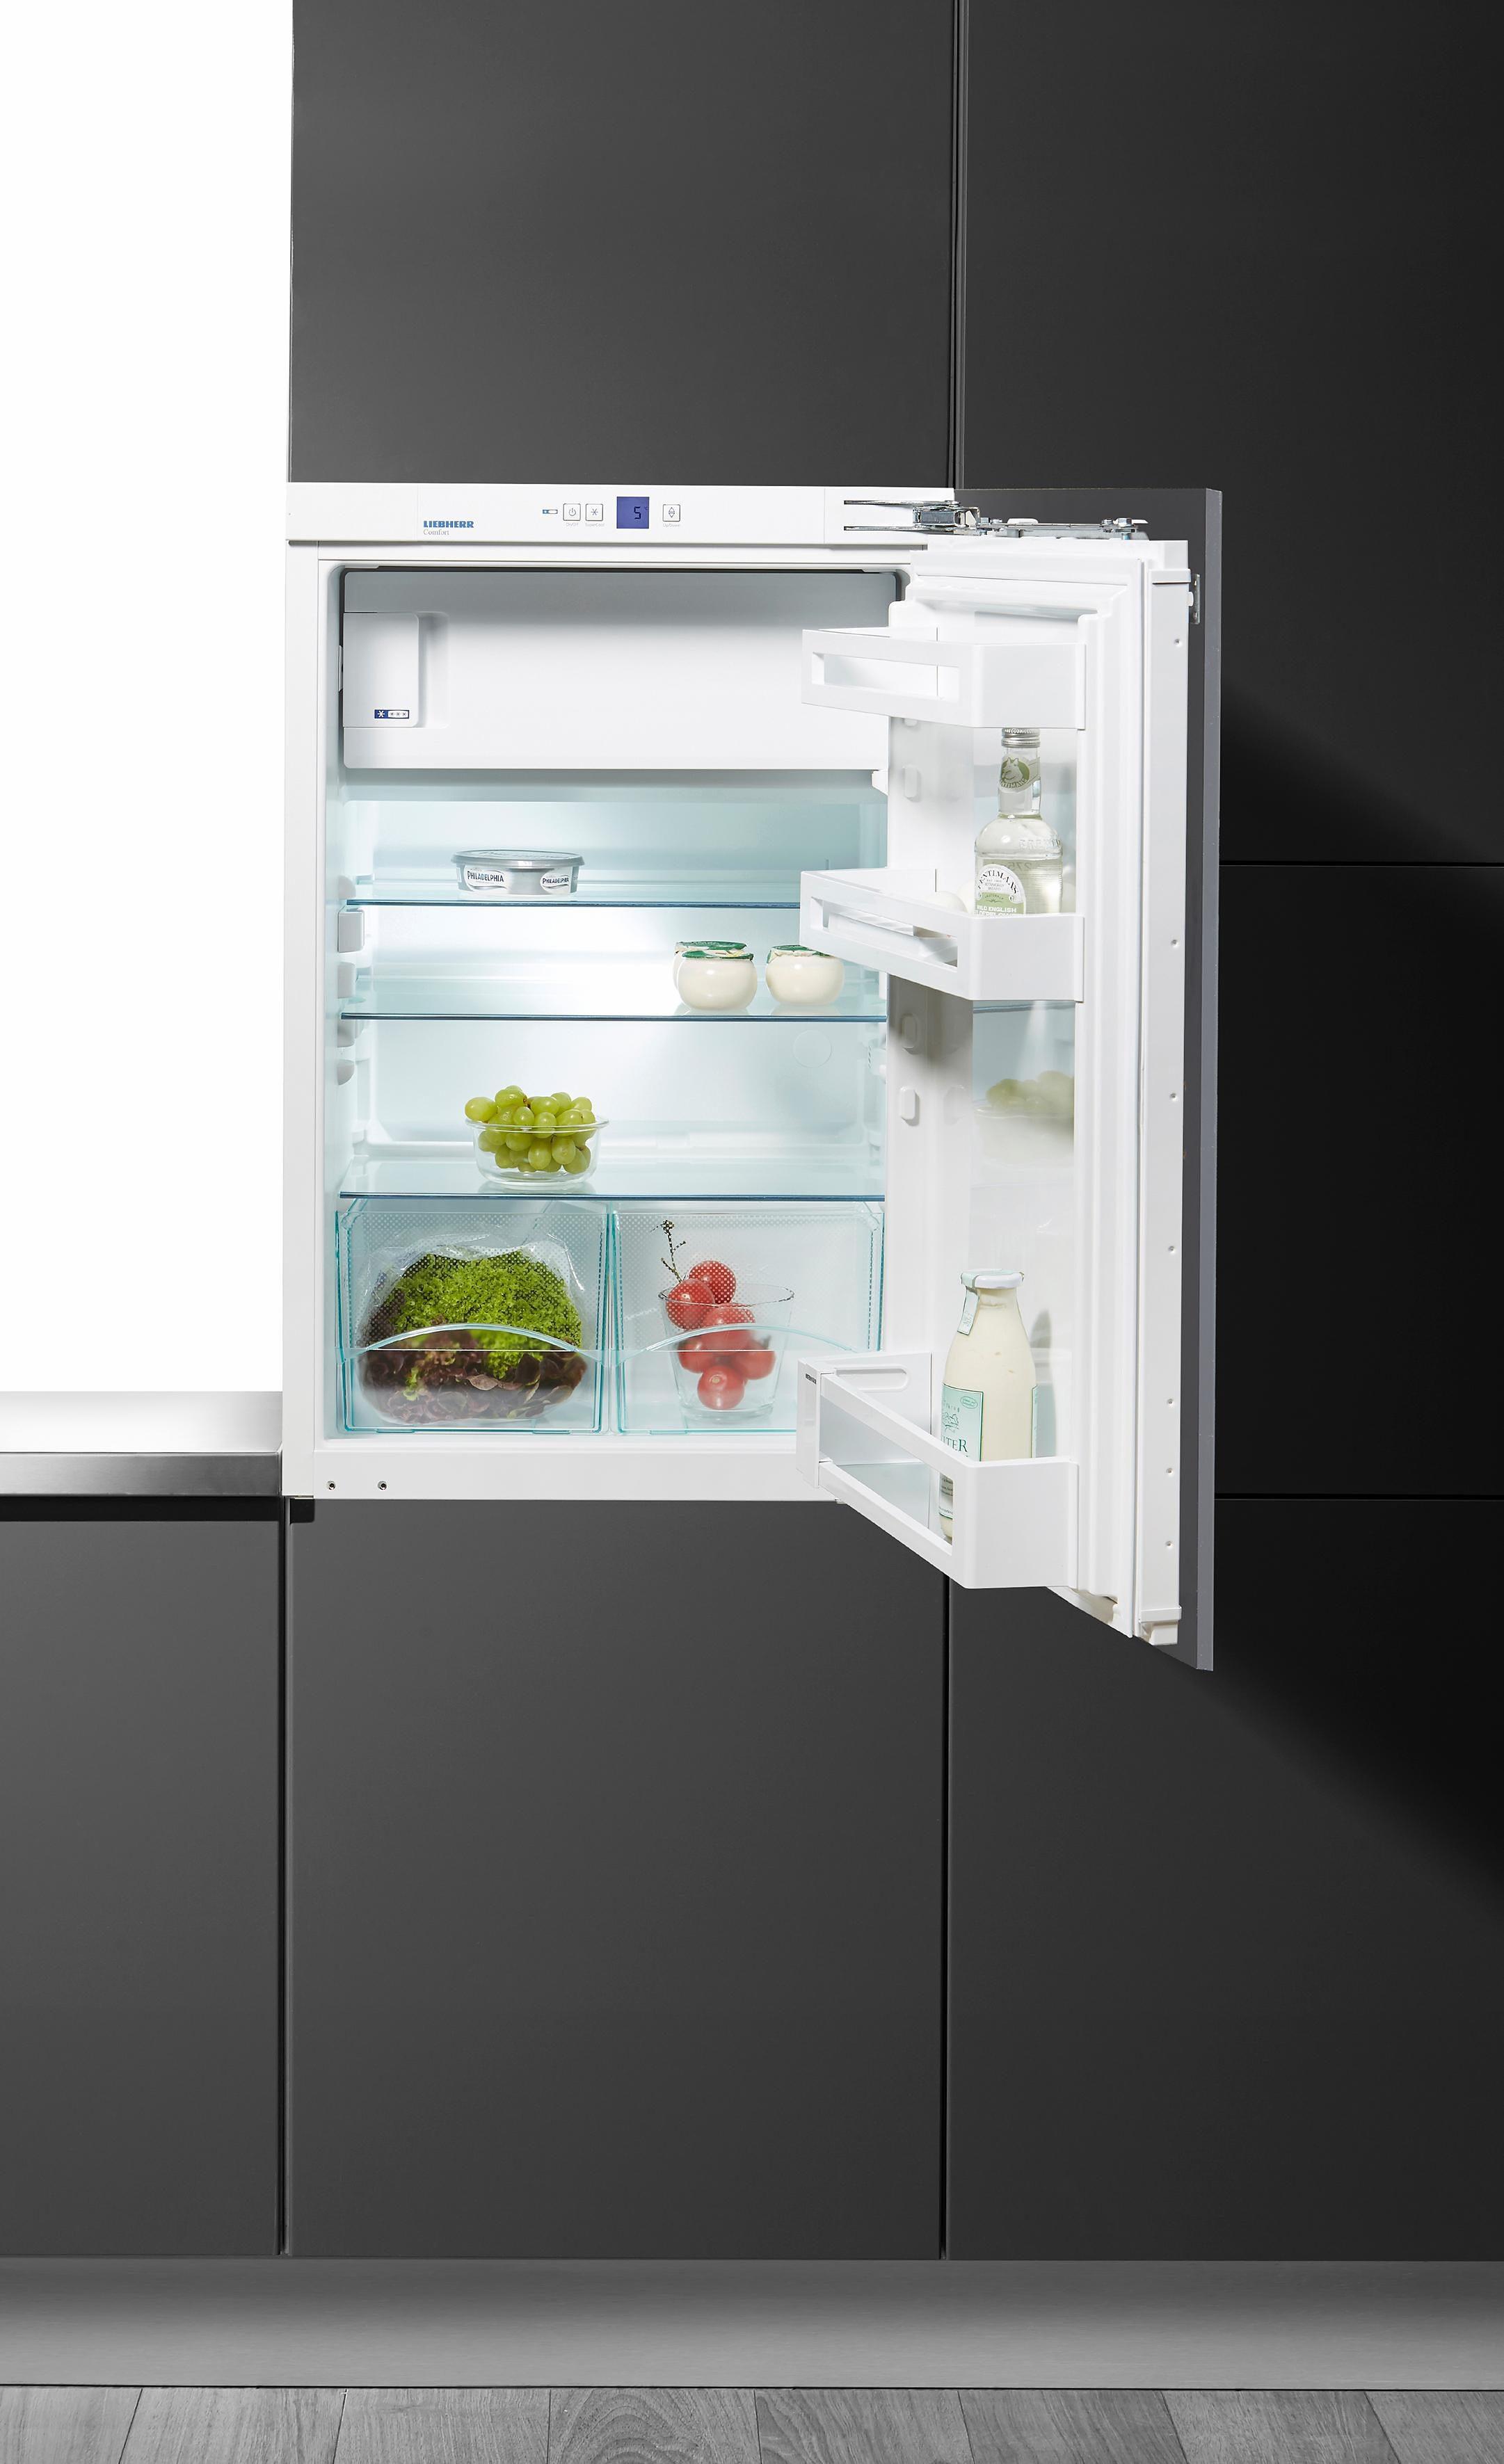 Liebherr integrierbarer Einbau-Kühlschrank IK 1614, A++, 87,2 cm hoch